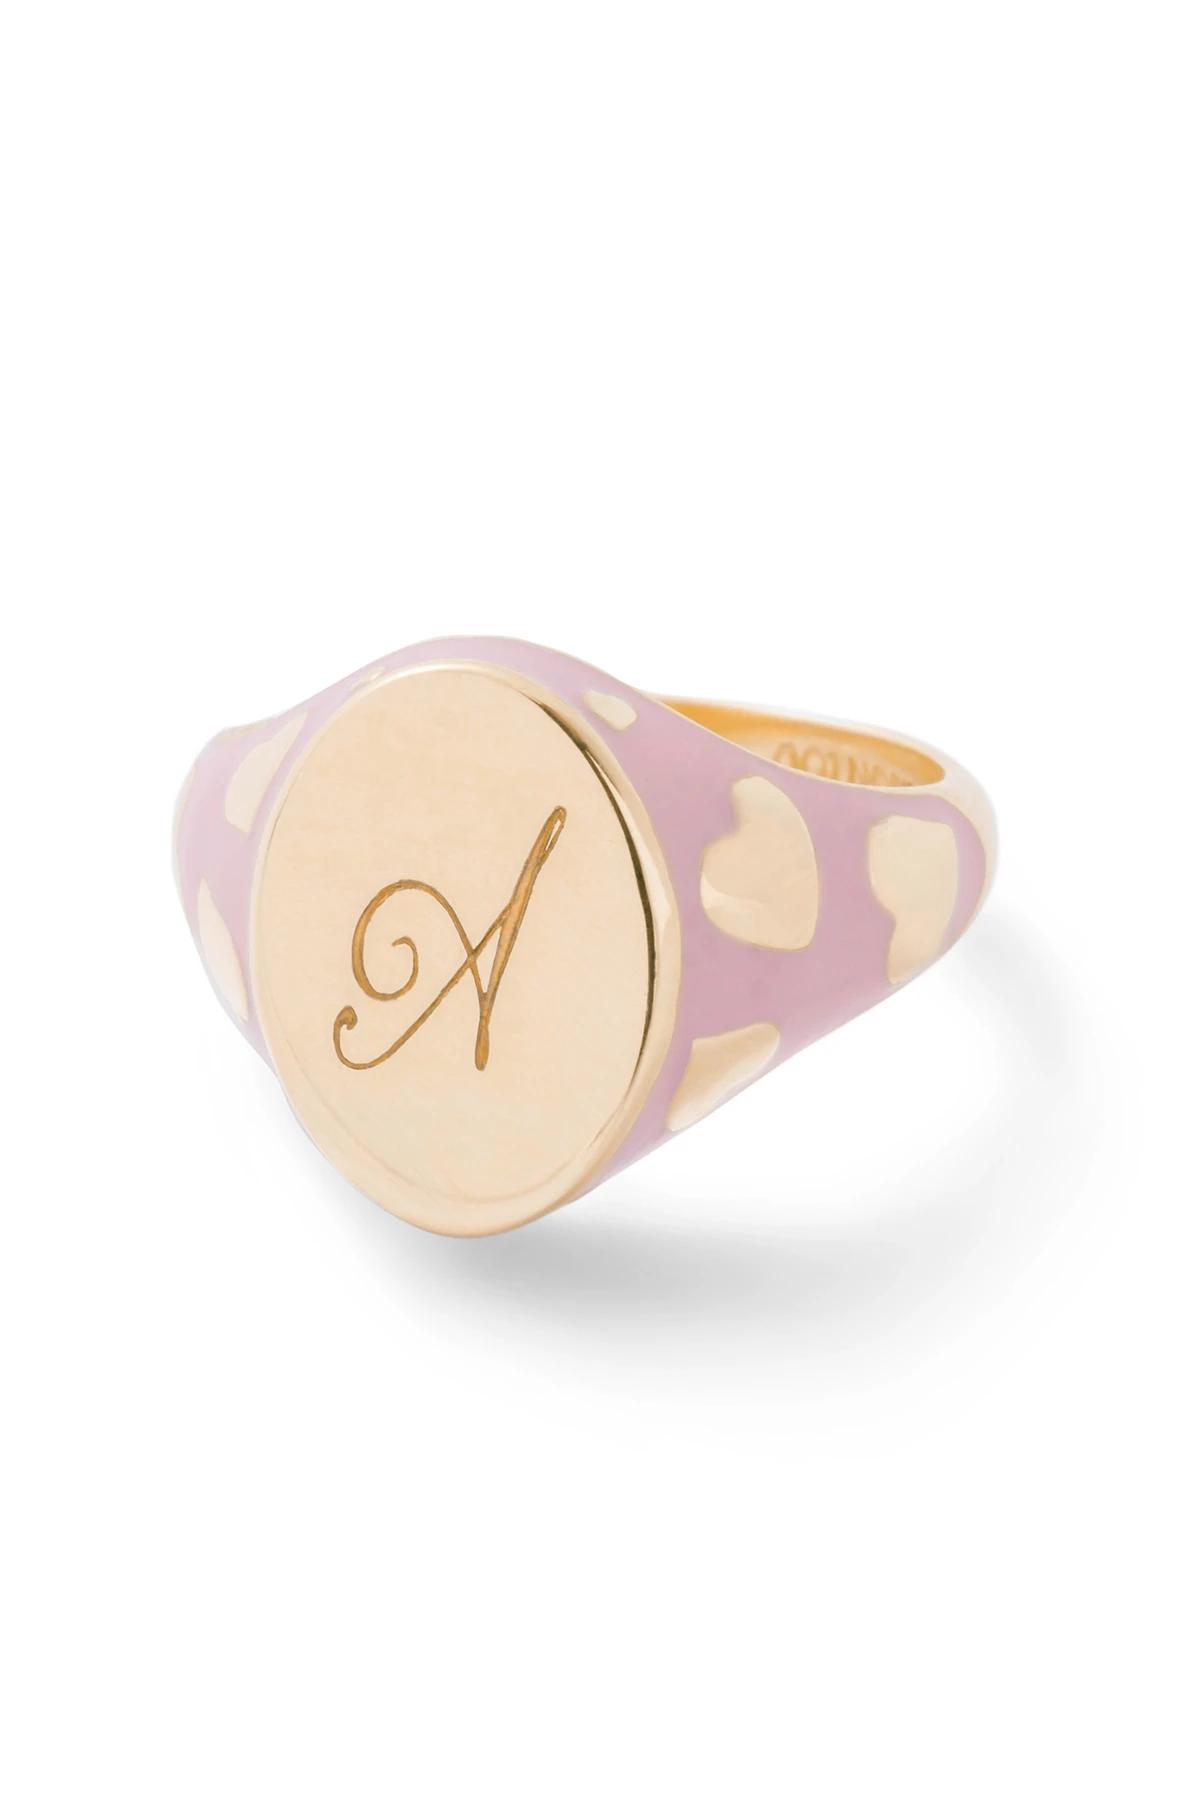 Alison Lou Amour Signet Ring, $950 @alisonlou.com